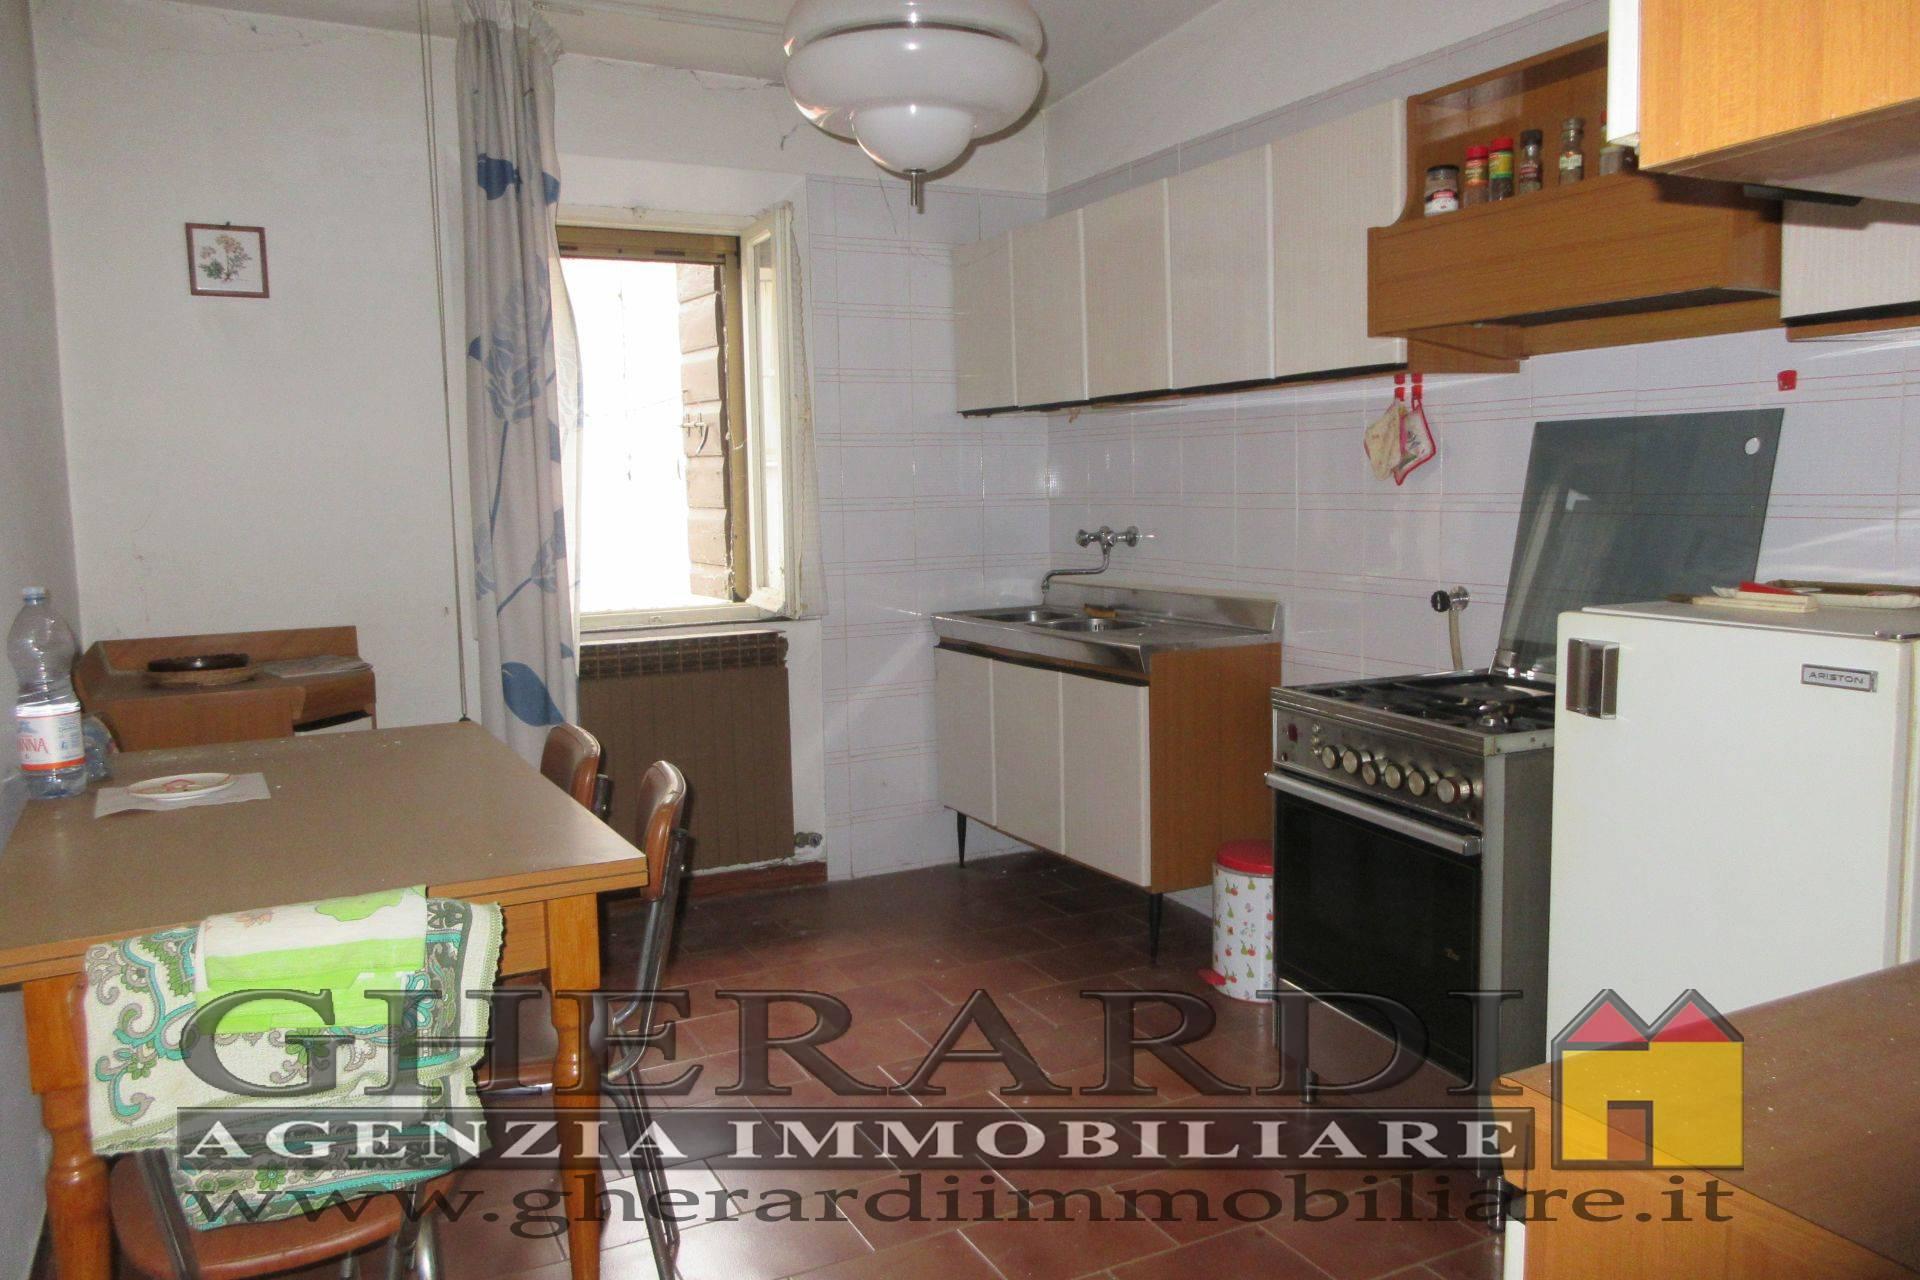 Appartamento in vendita a Bondeno, 3 locali, zona Località: ZonaCentrale, prezzo € 34.000 | CambioCasa.it